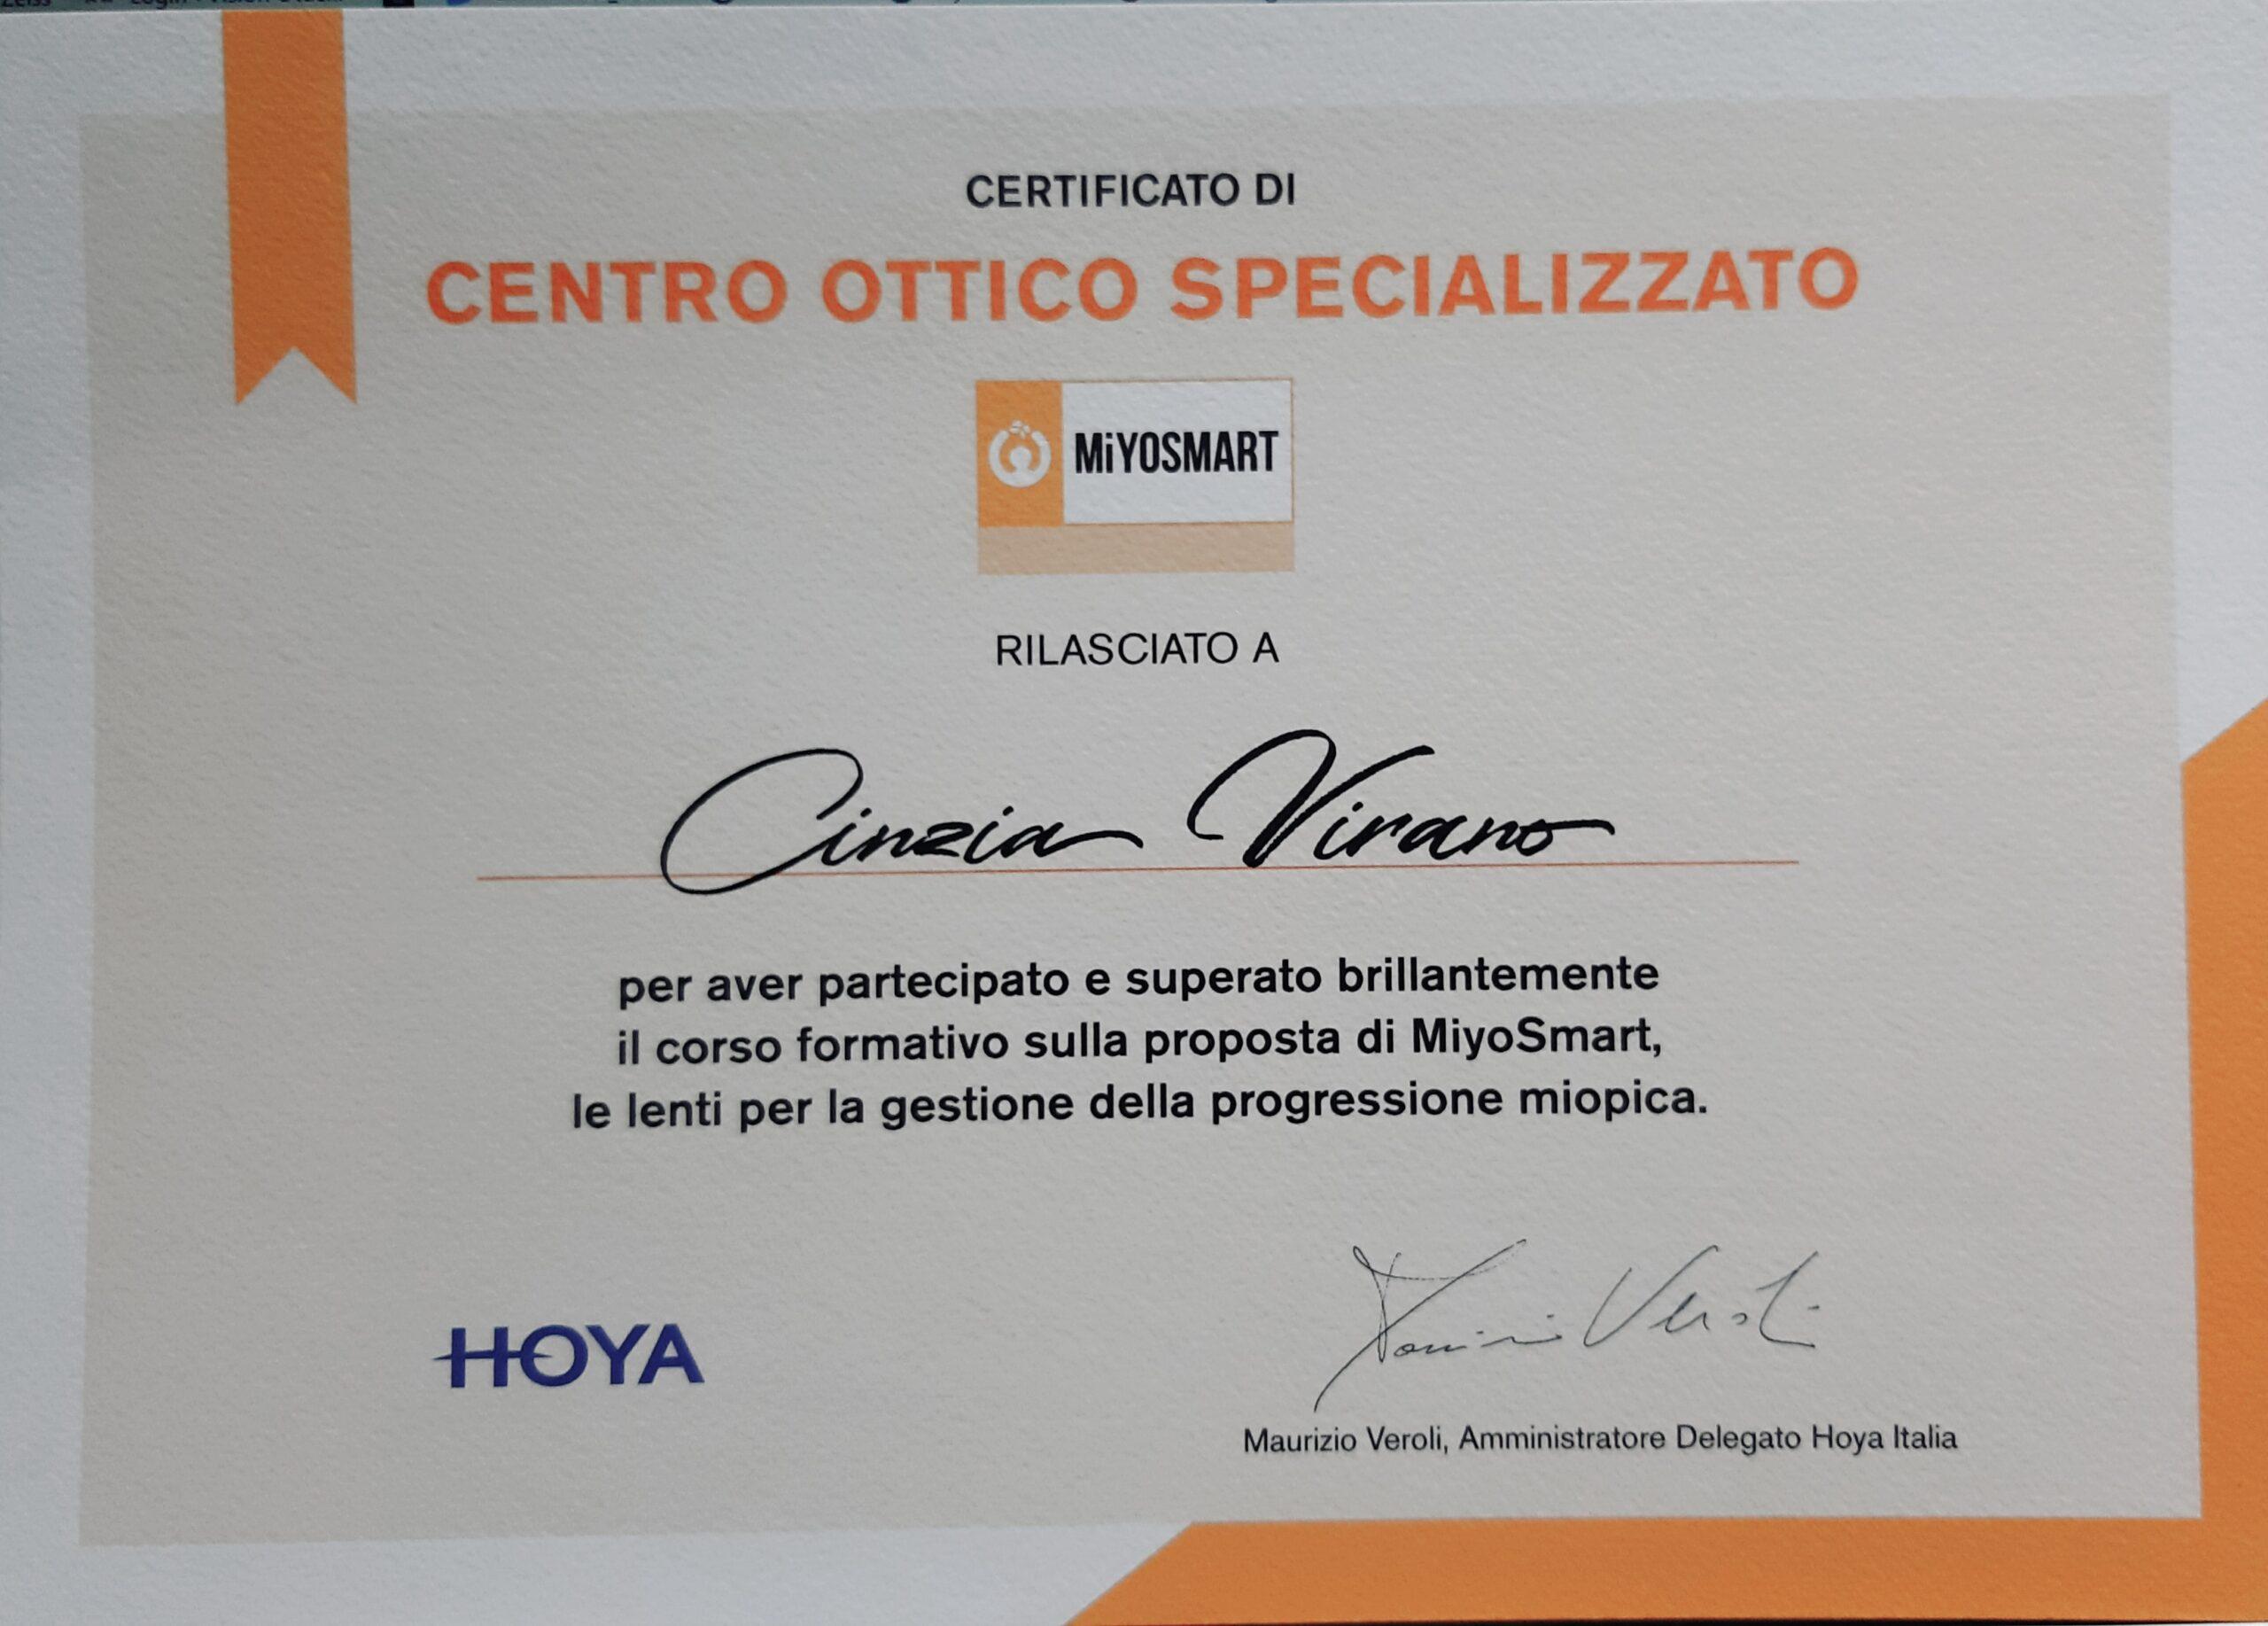 Centro ottico specializzato lenti MiyoSmart